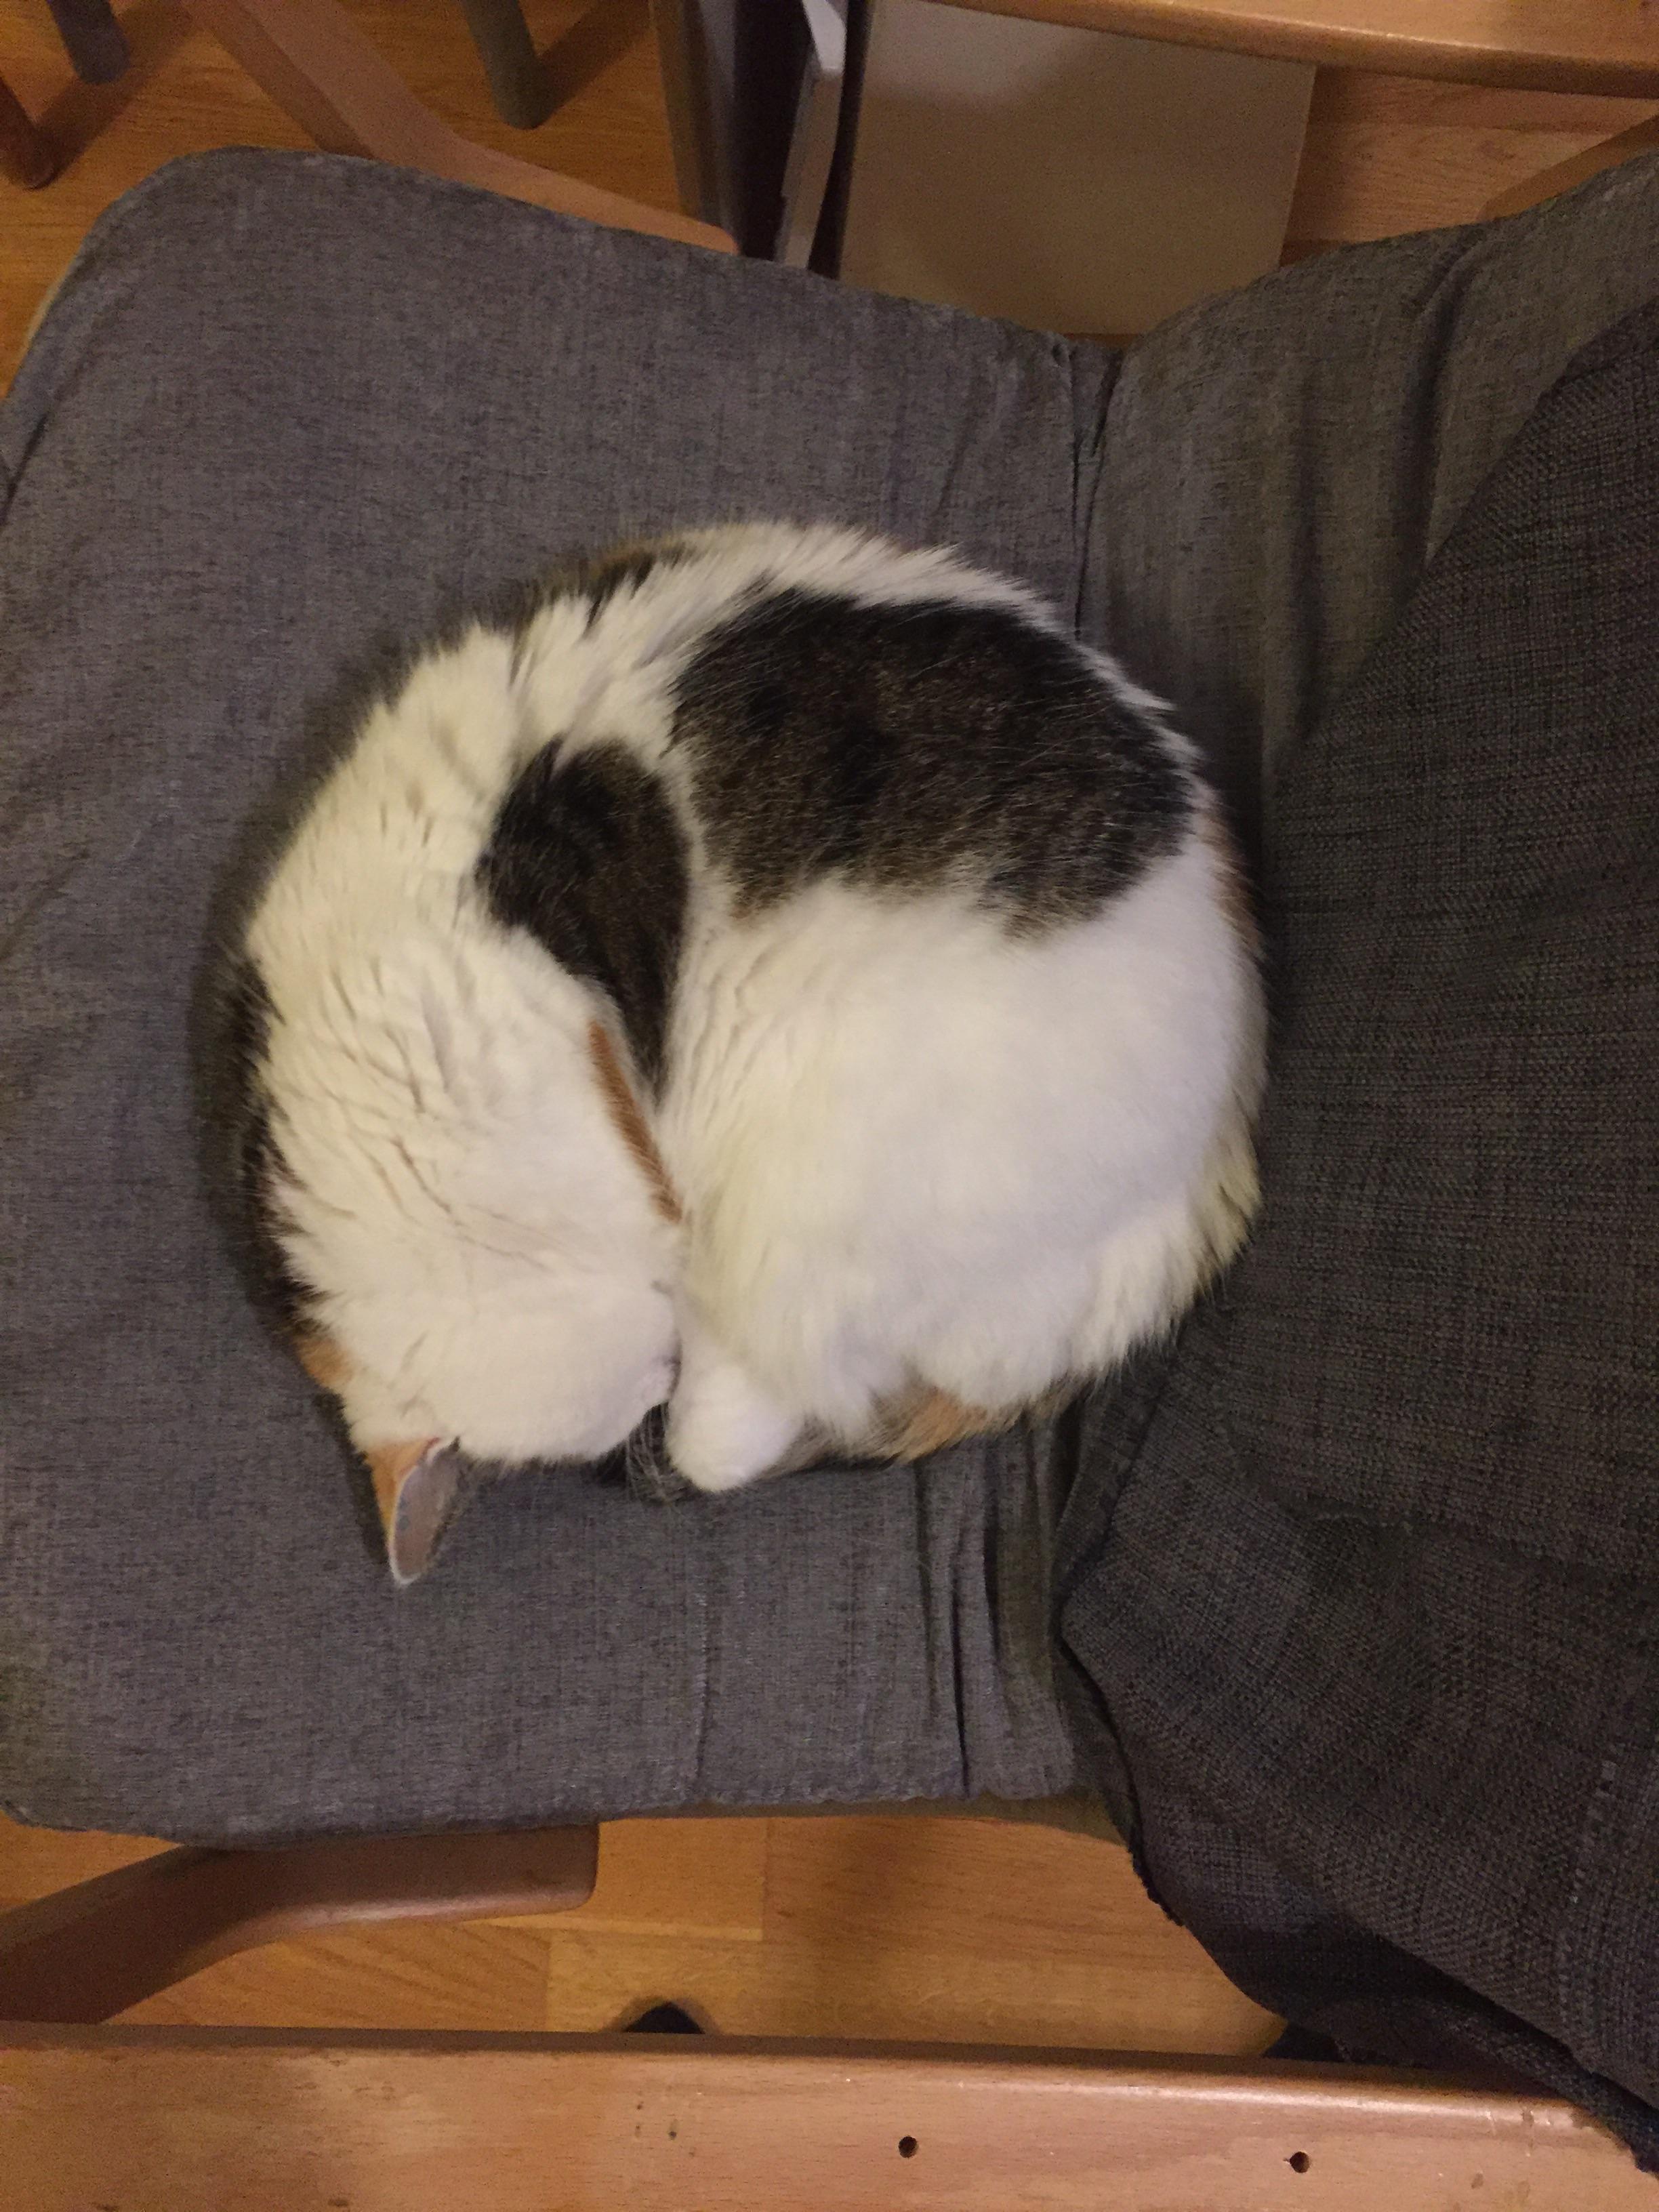 My very round cat : aww